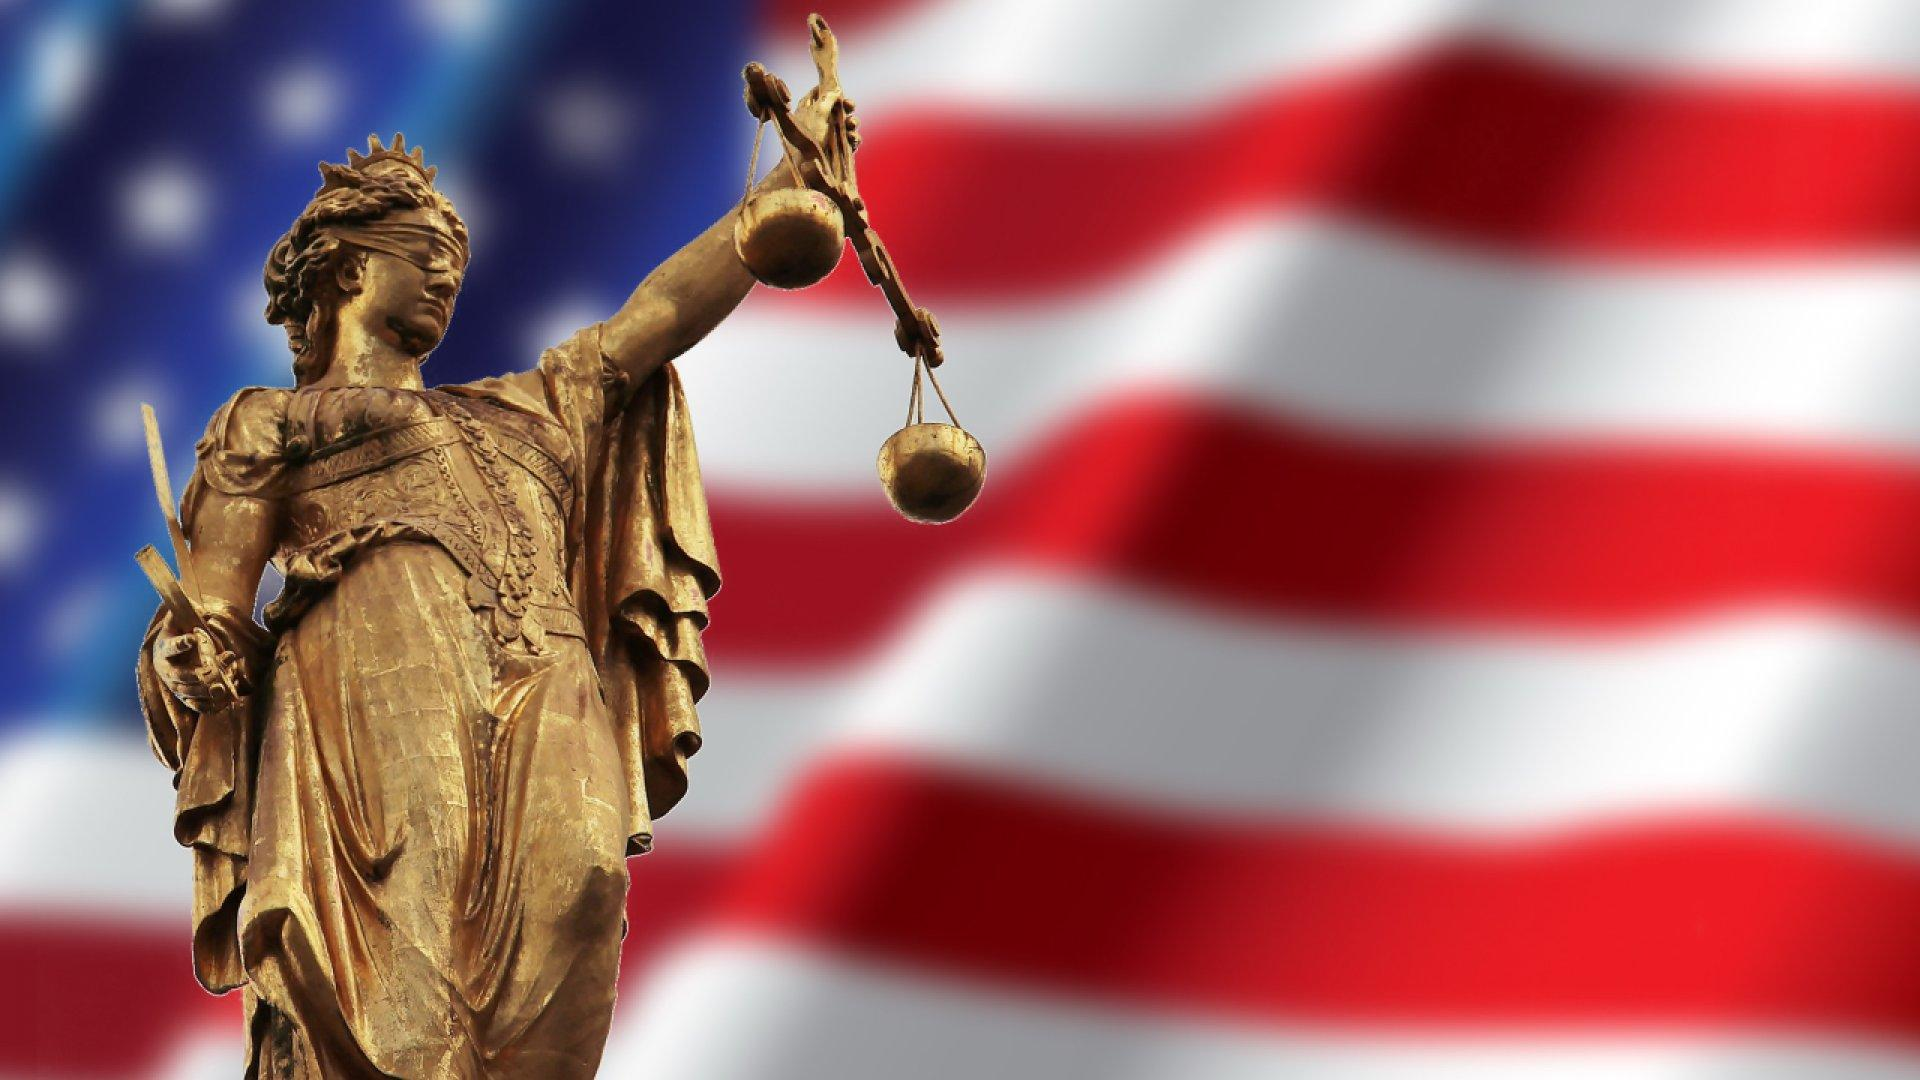 Продавцов популярного БАДа в США обвинили в обмане пациентов